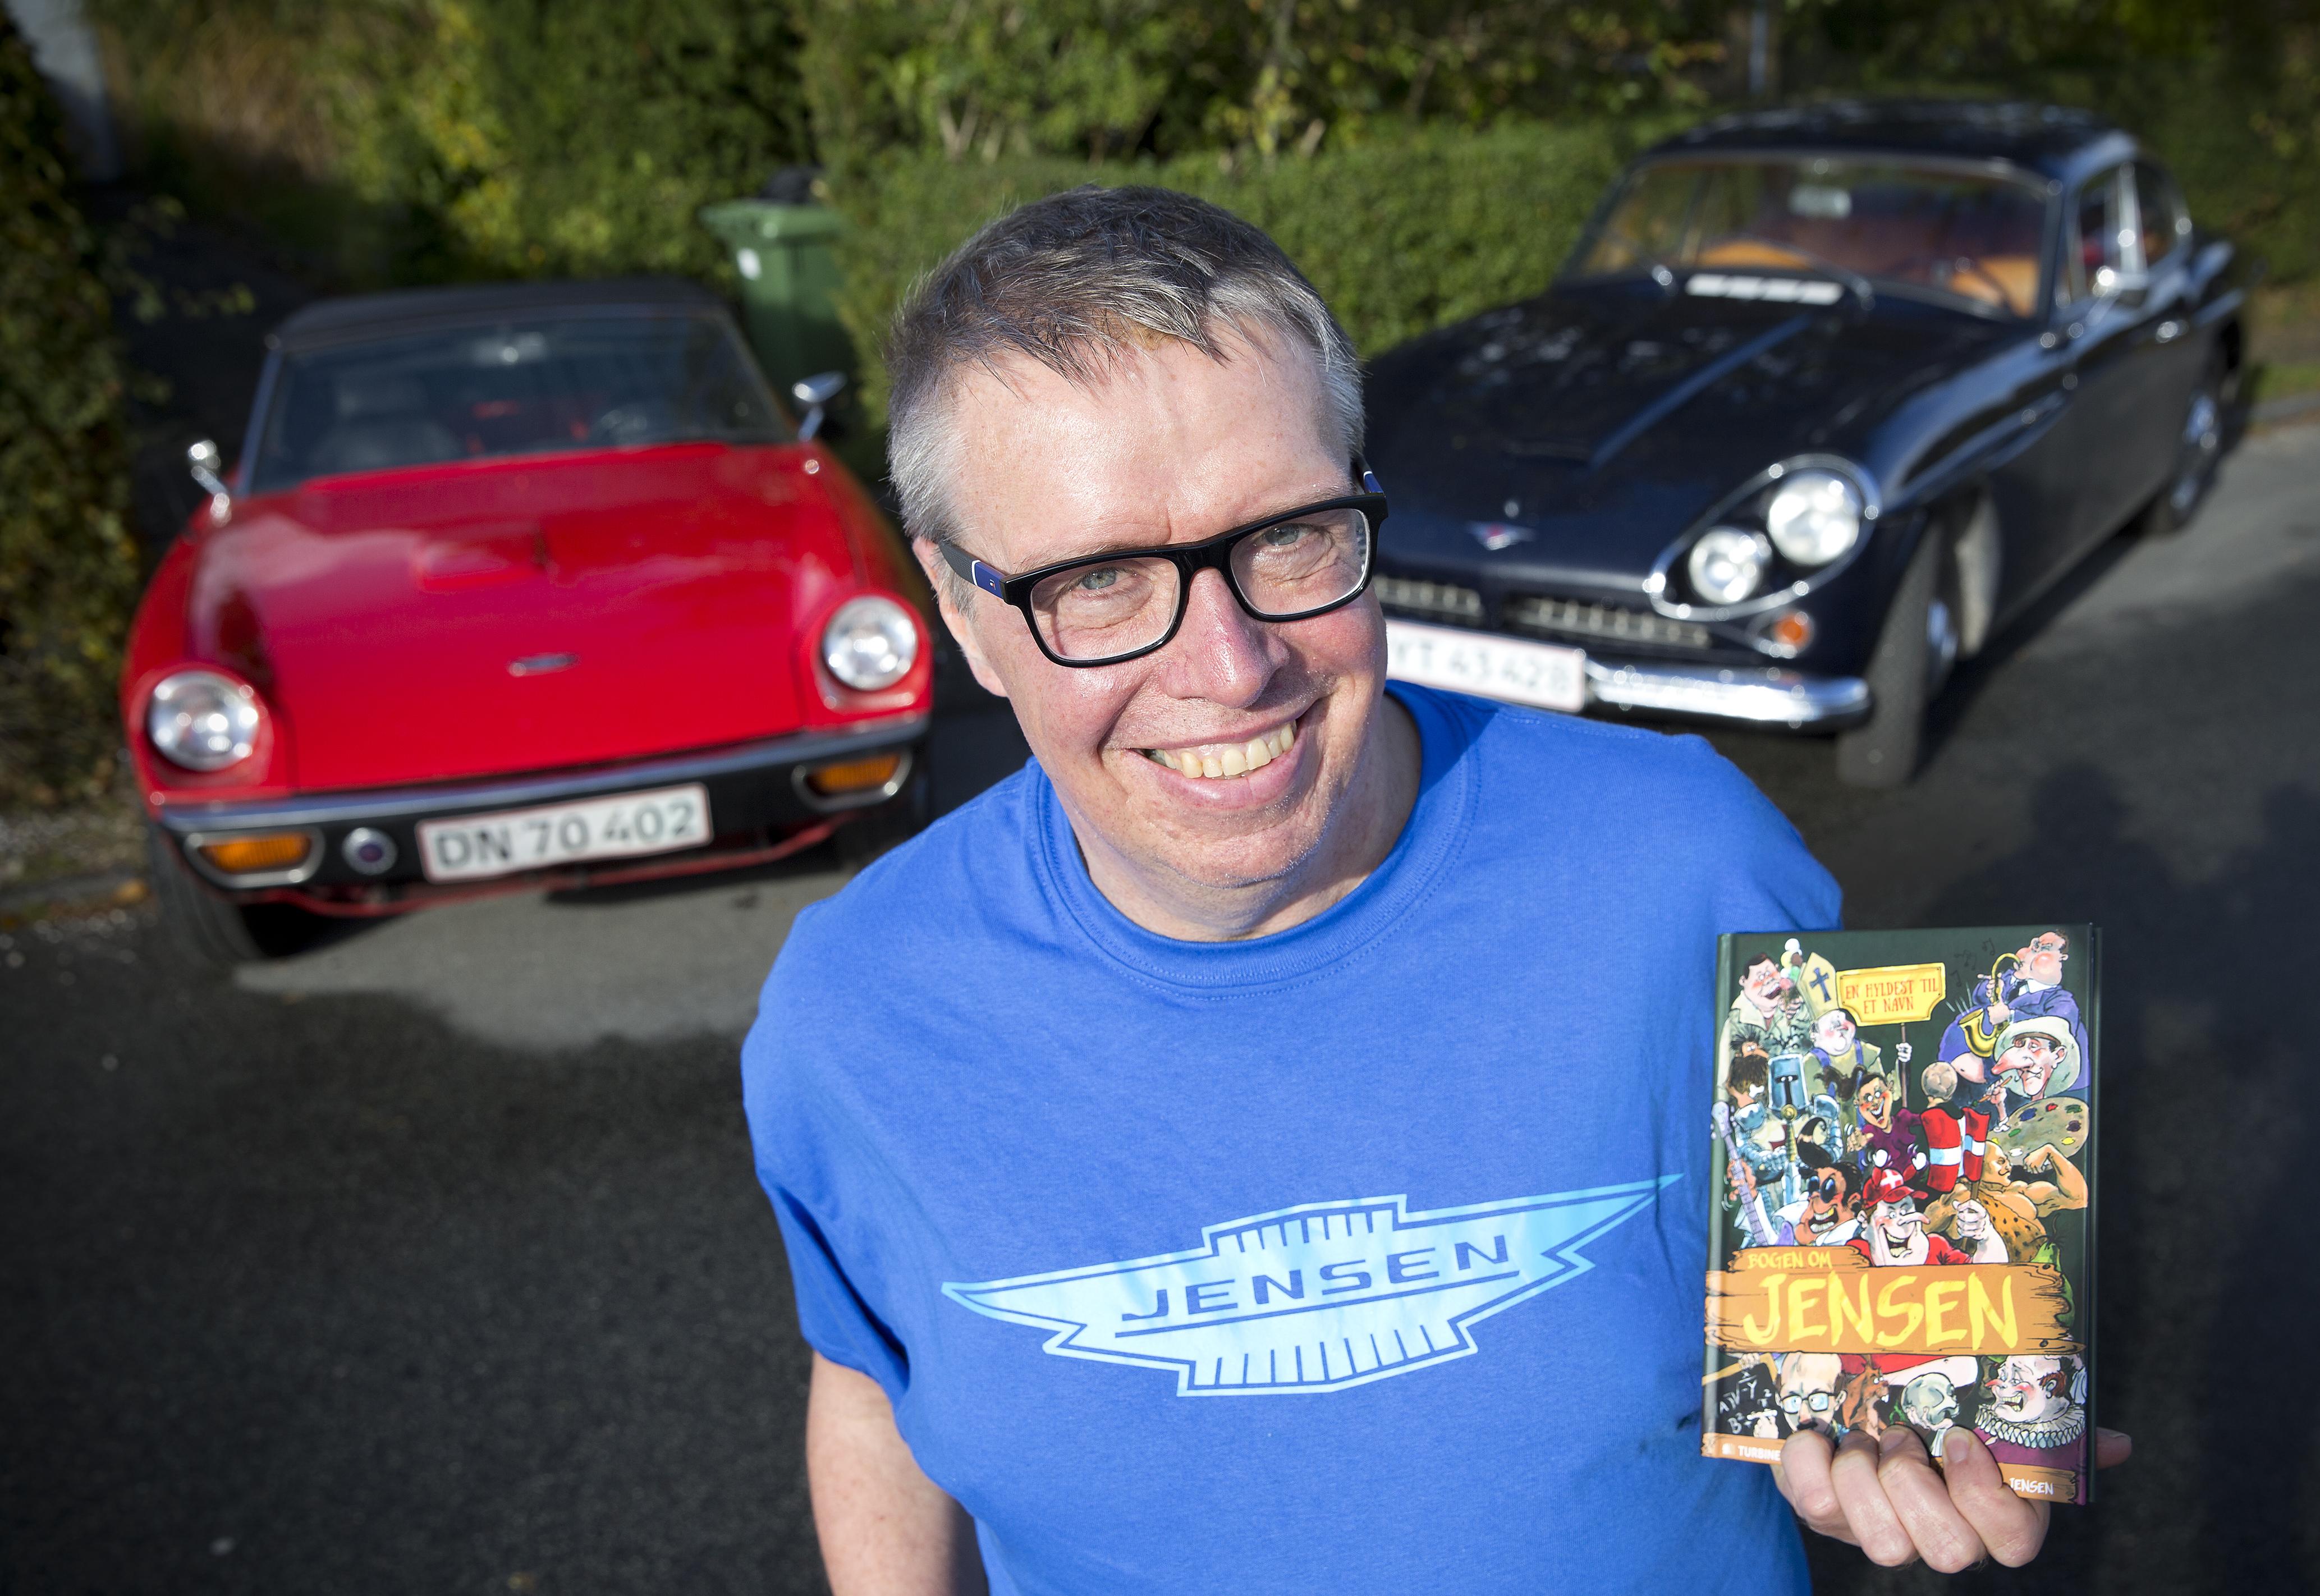 Jensen med Jensen-biler og Jensen-bog